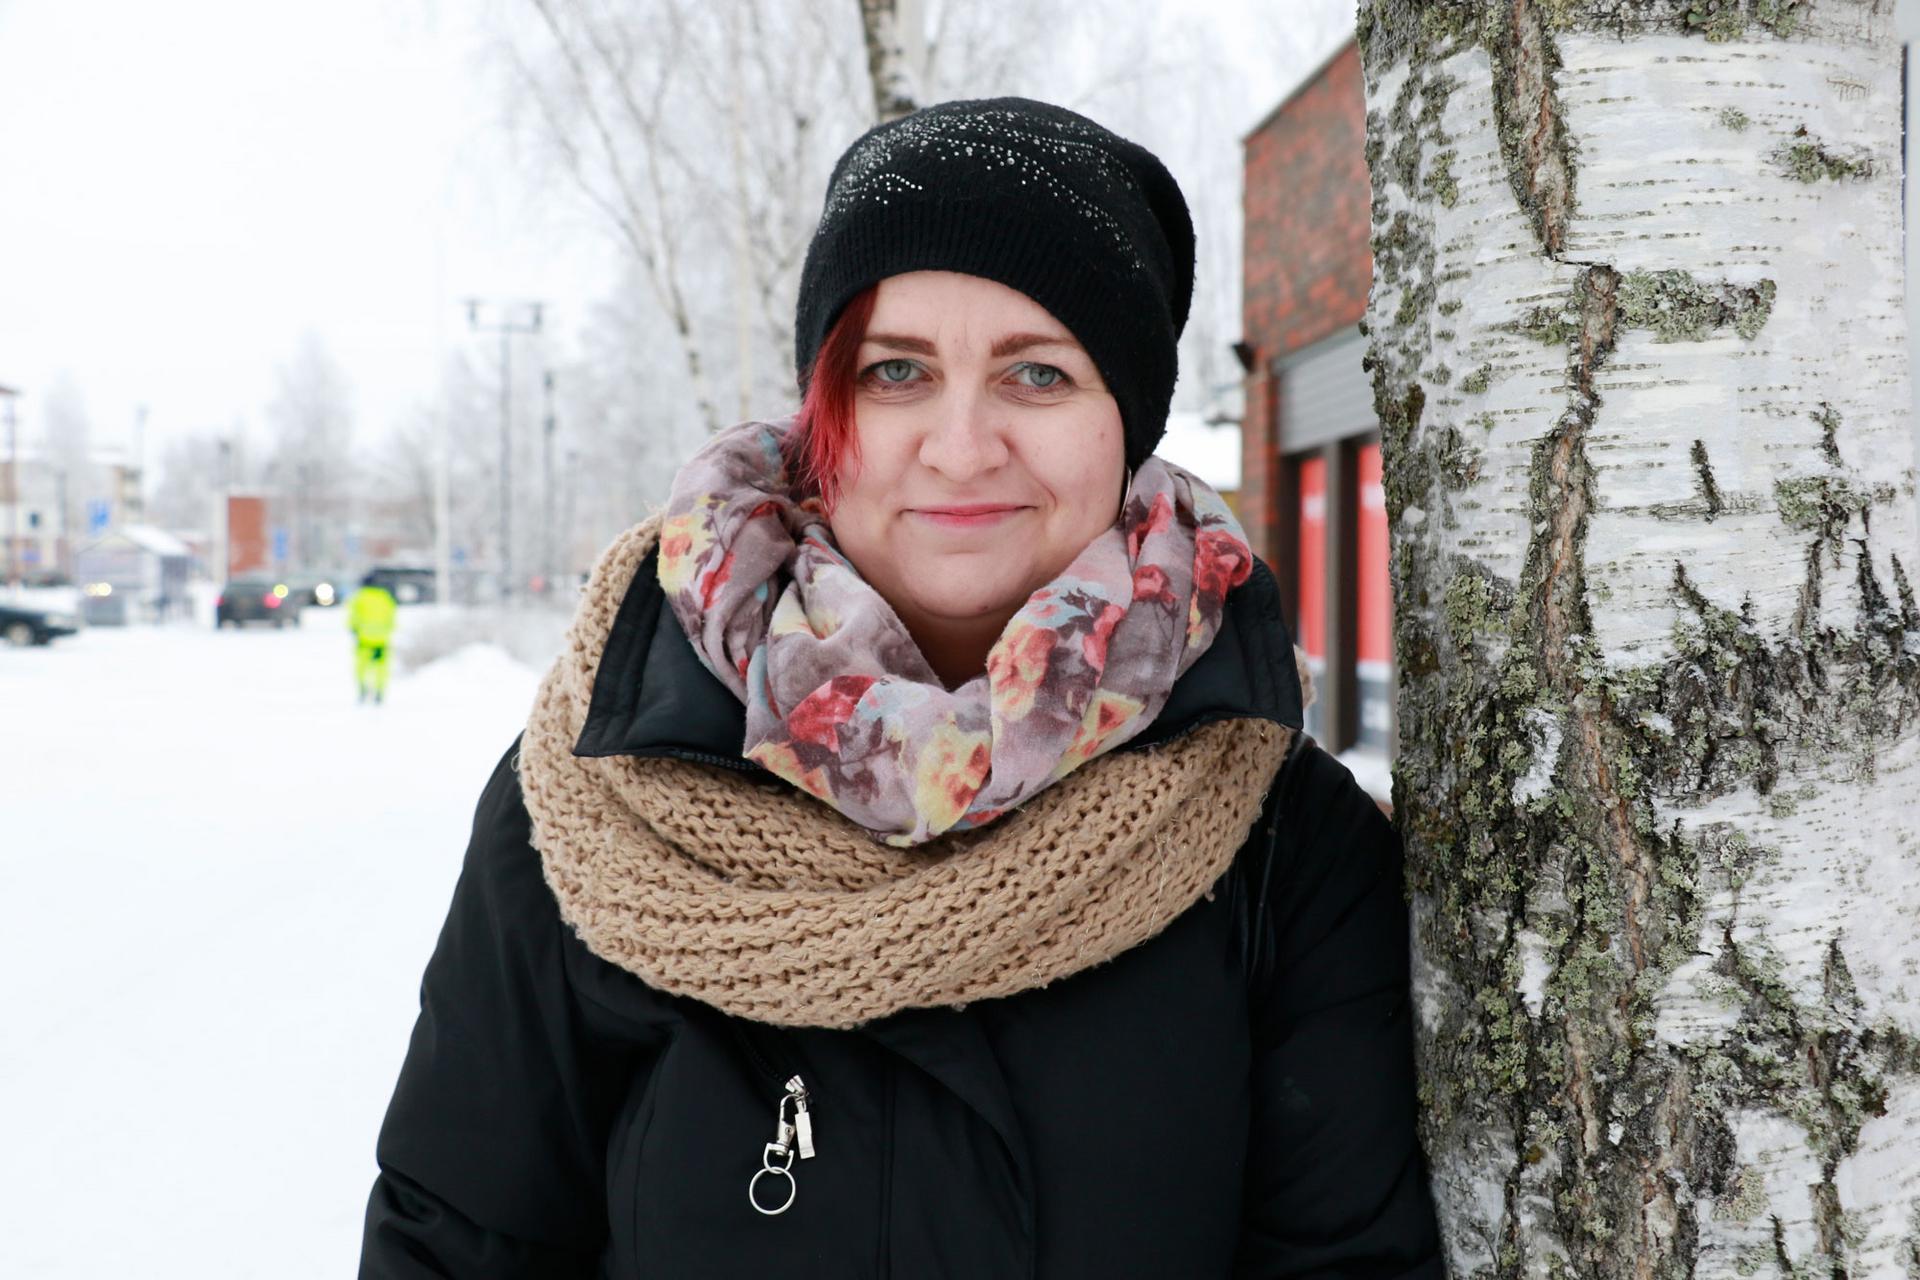 Tuulia Tanhuanpää pitää yhteyttä läheisiinsä muun muassa lähettämällä ääniviestejä.